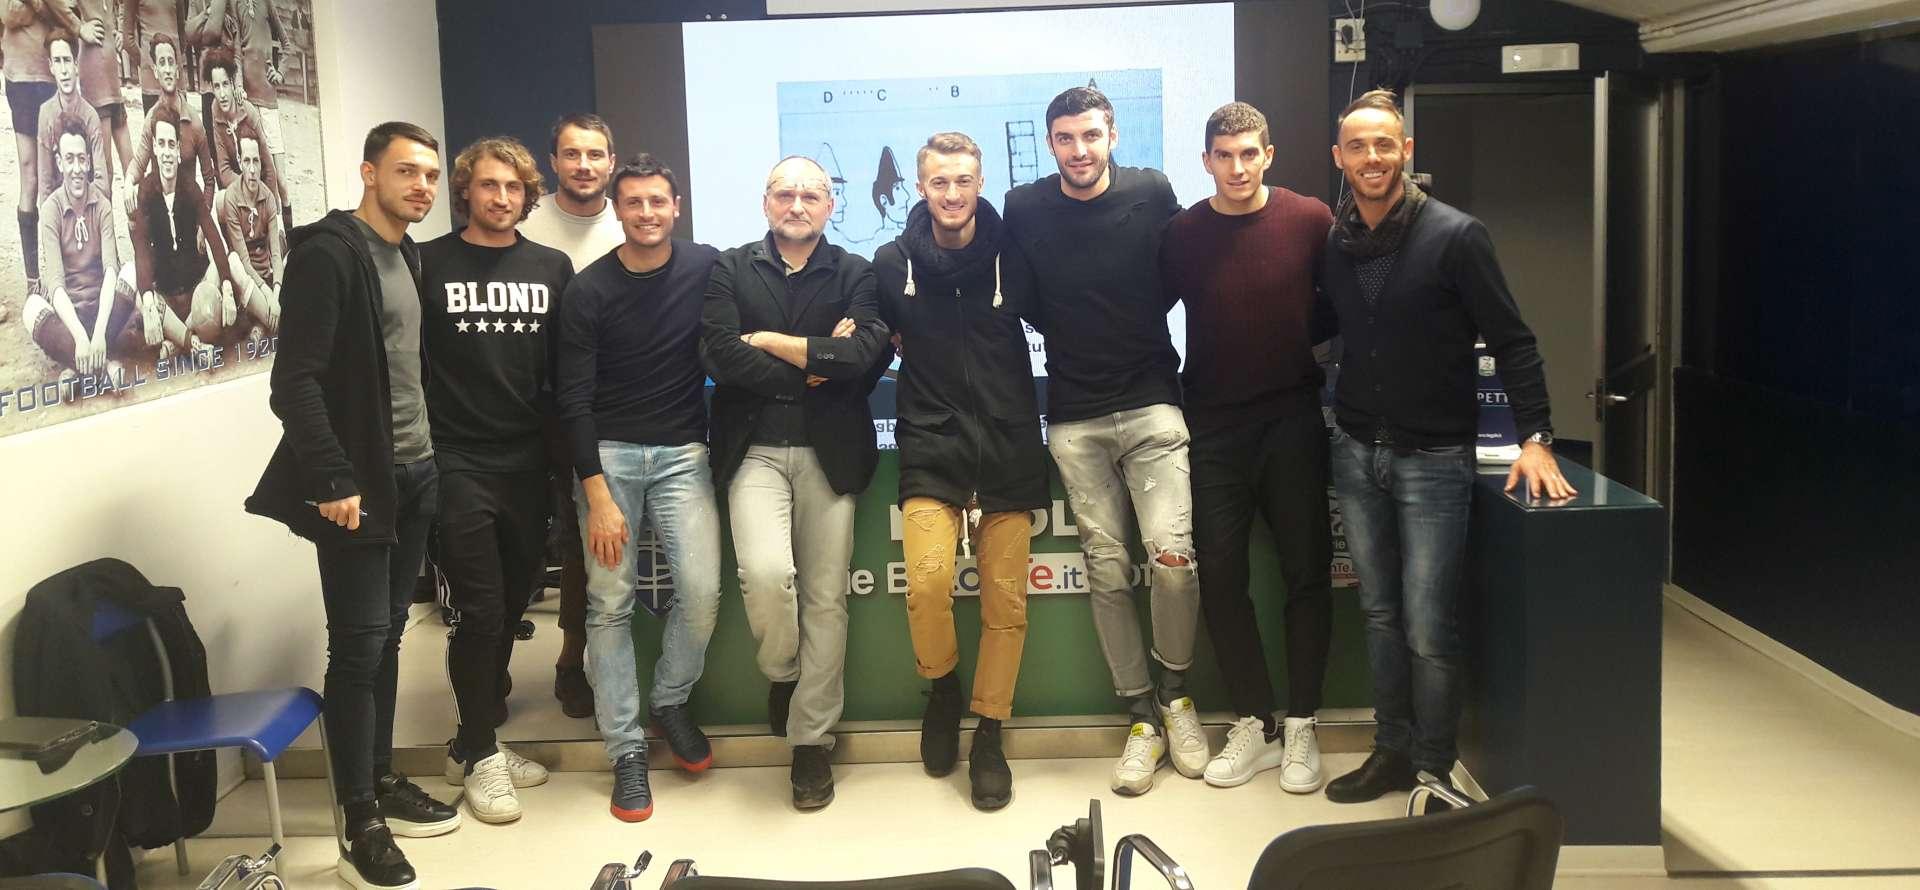 Facciamo la formazione, AIC, Lega Serie B, Empoli, Paolo Piani, Andrea Fiumana, Associazione Italiana Calciatori